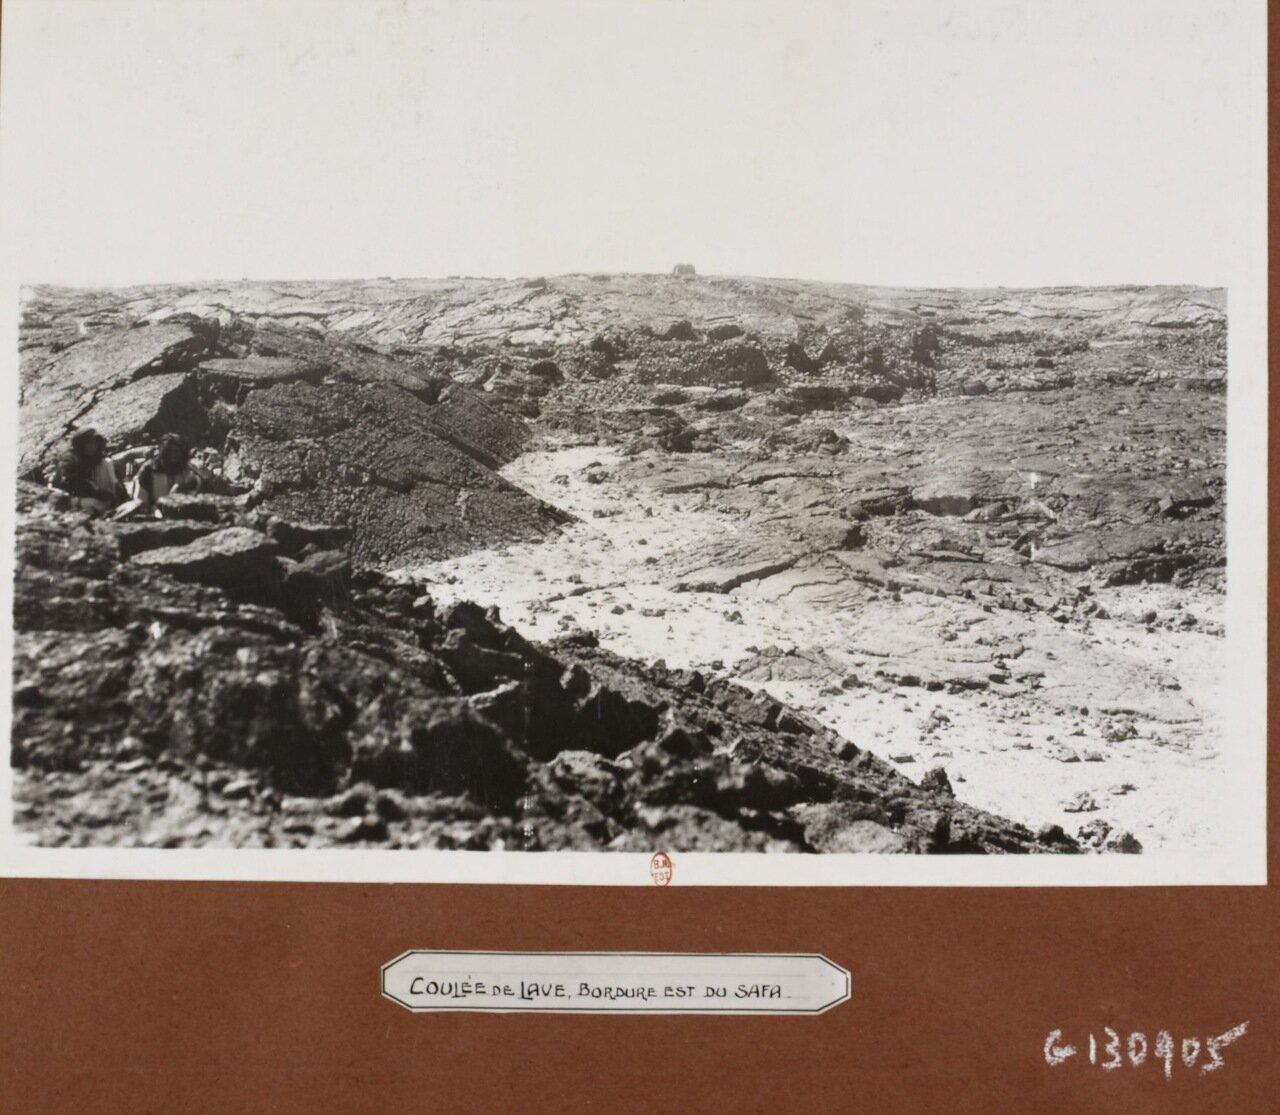 Лава. Восточная окраина Сафы